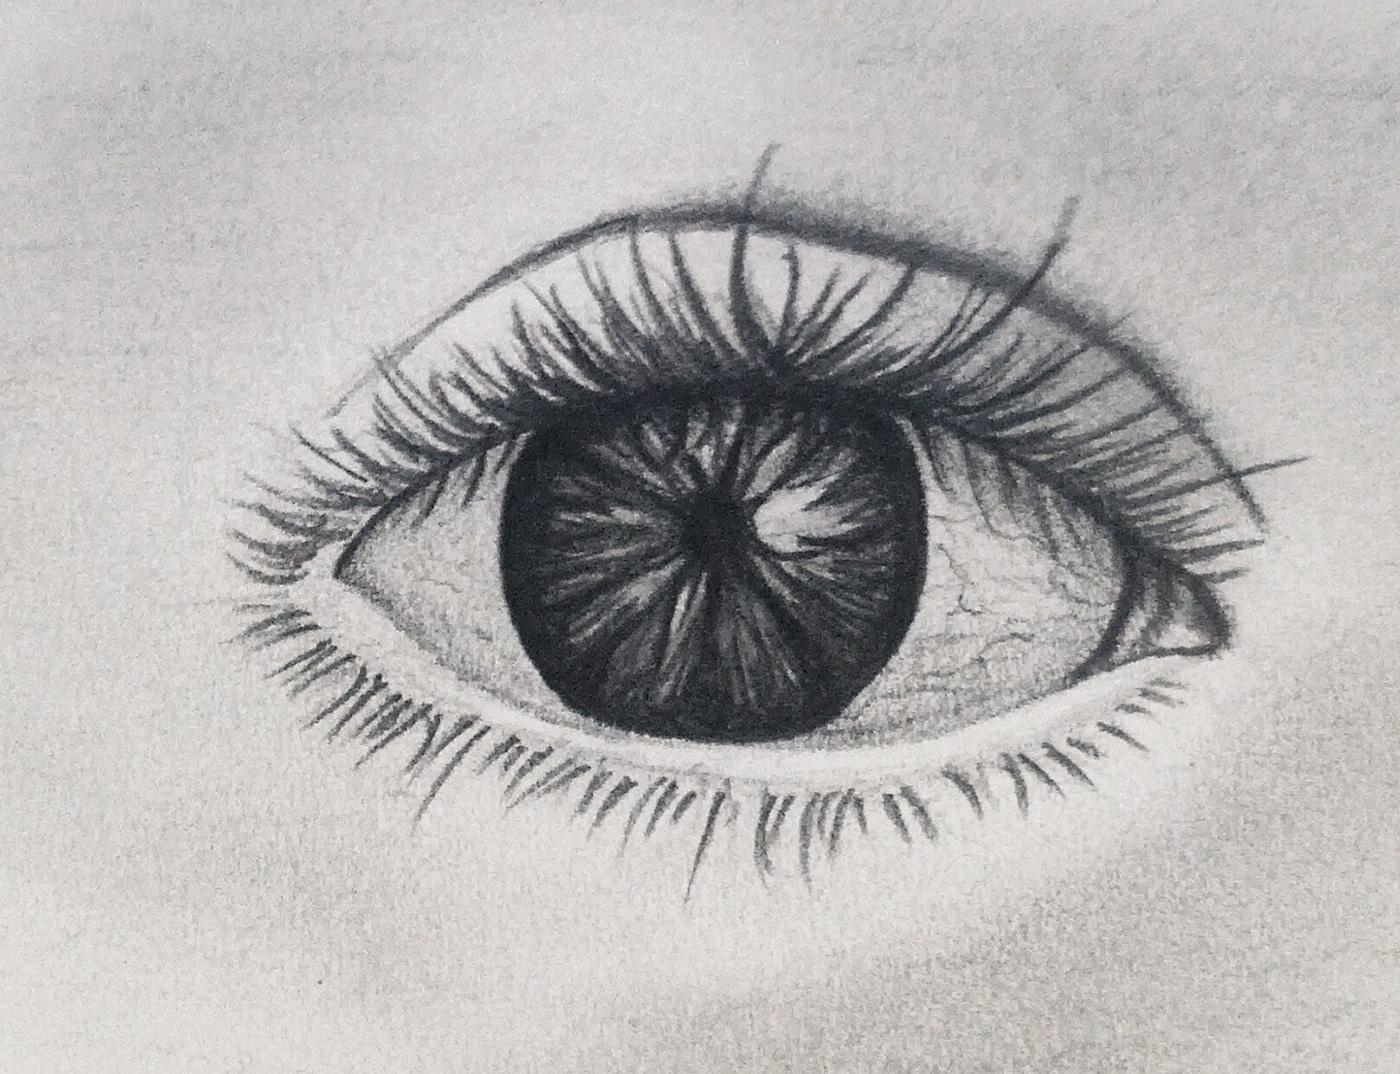 極美的24張手繪眼睛欣賞